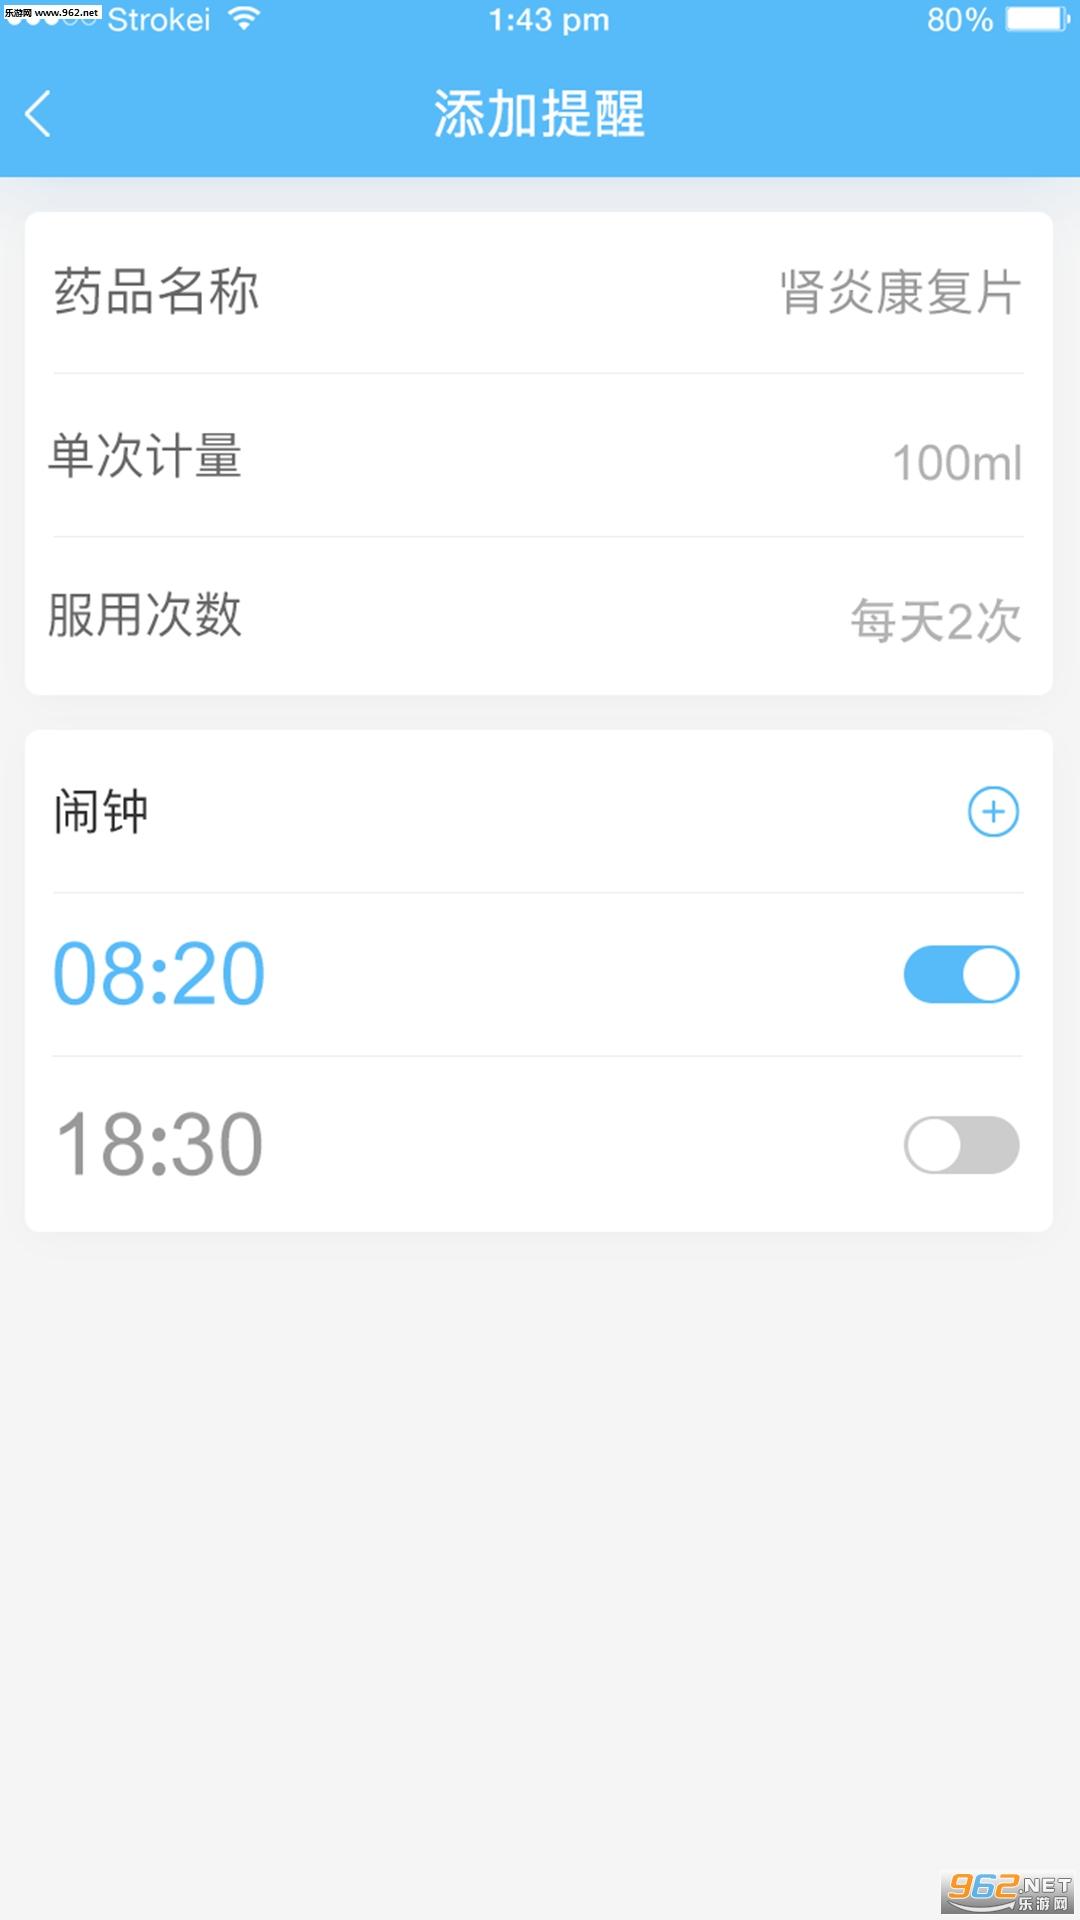 爱捷健康appv1.0.0 安卓版_截图2